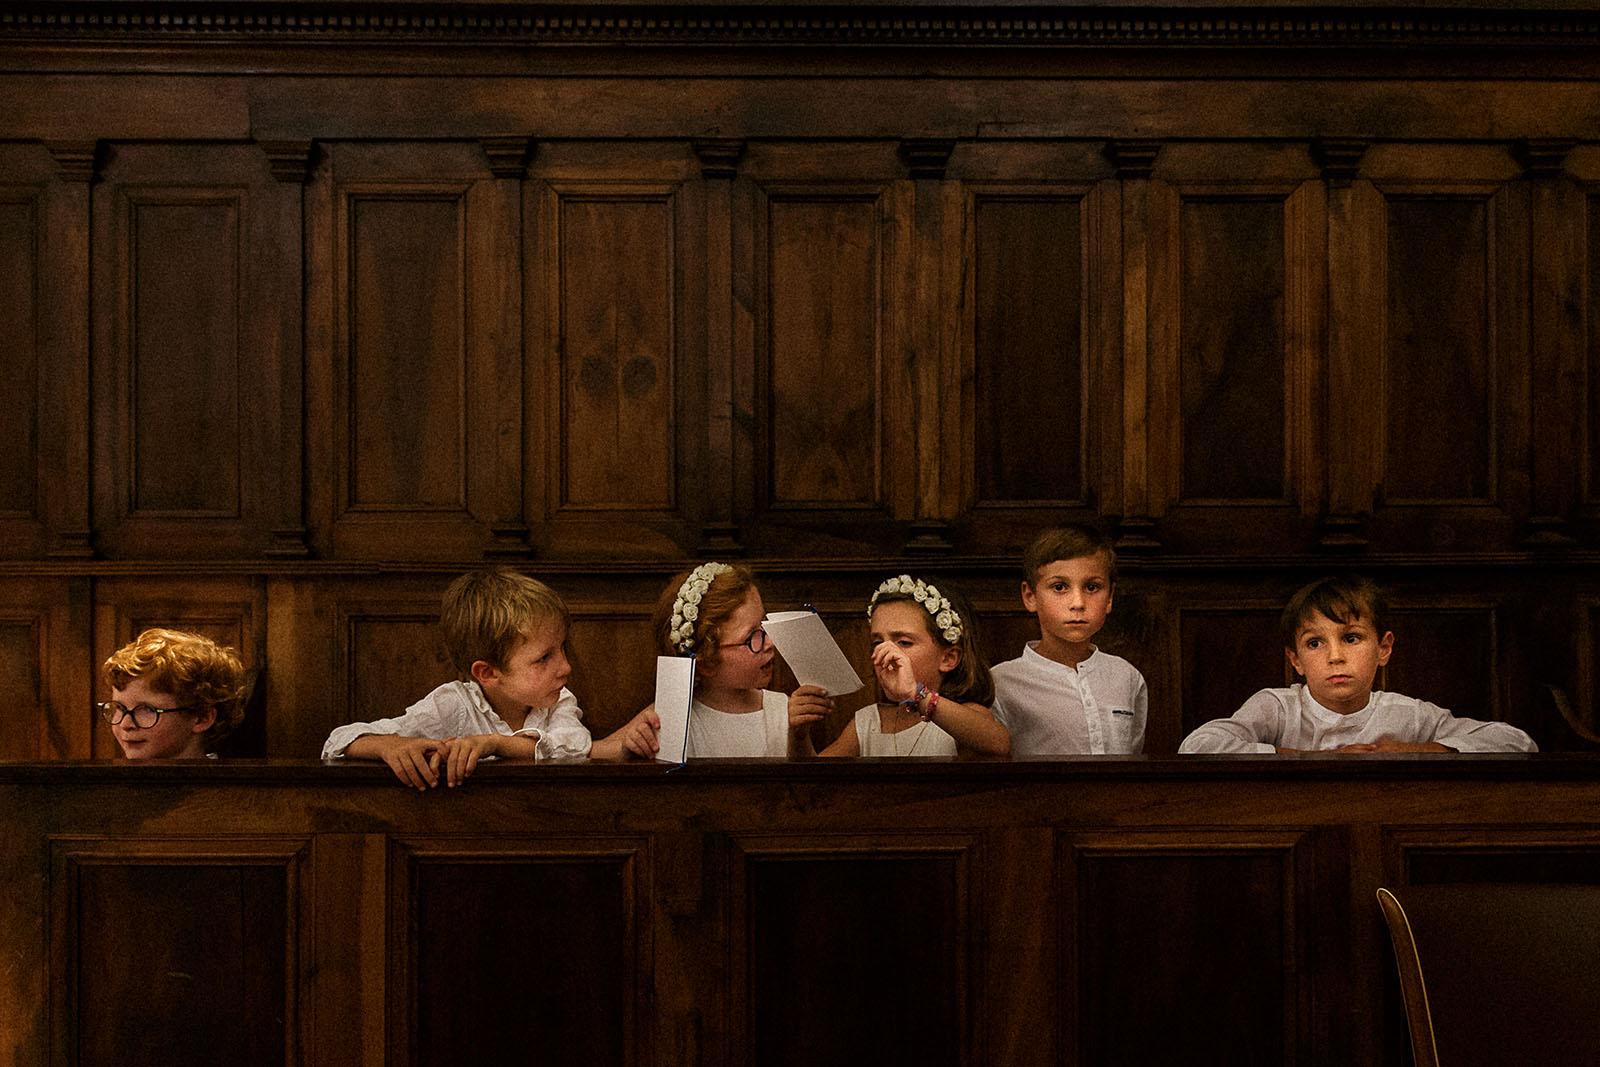 Photographe de mariage à Chamonix Photographe de mariage à Annecy. Les enfants d'honneur. Photo réalisée par Castille ALMA photographe de mariage au Lac Léman en Haute Savoie.